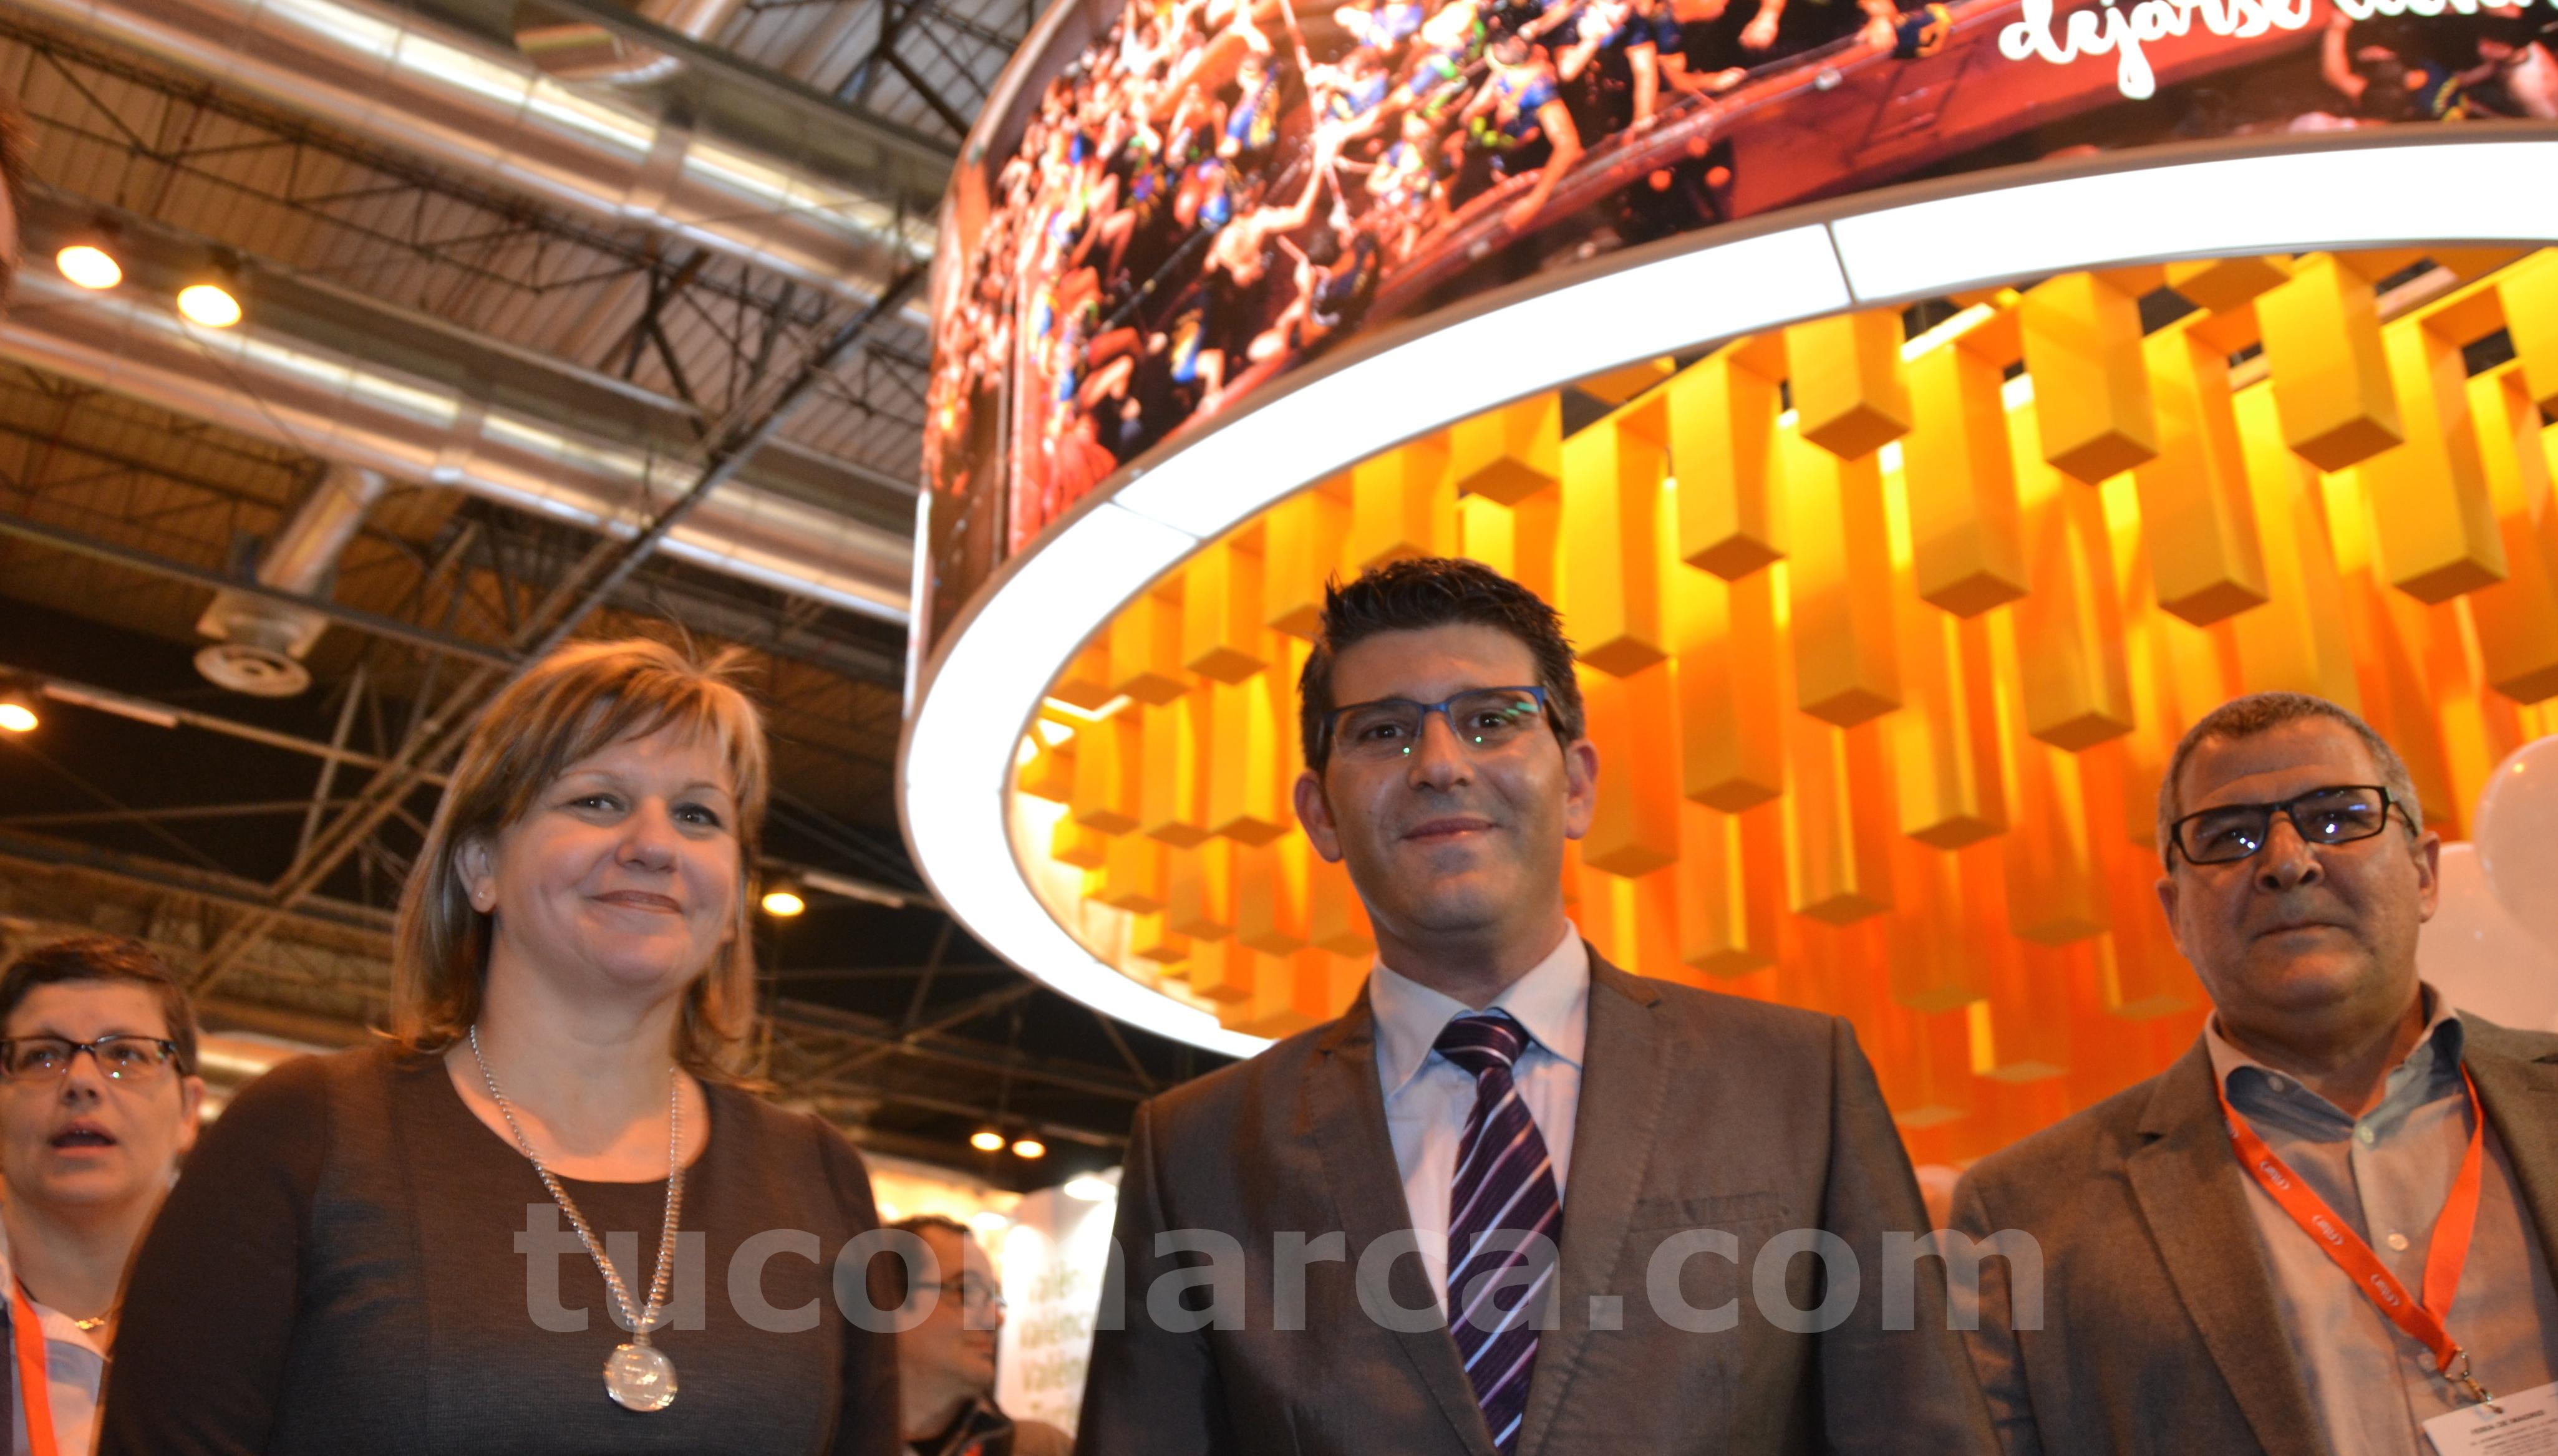 La diputada de Turismo, Pilar Moncho, junto al presidente de la Diputación (en el centro) ante el stand del estamento provincial en Fitur.